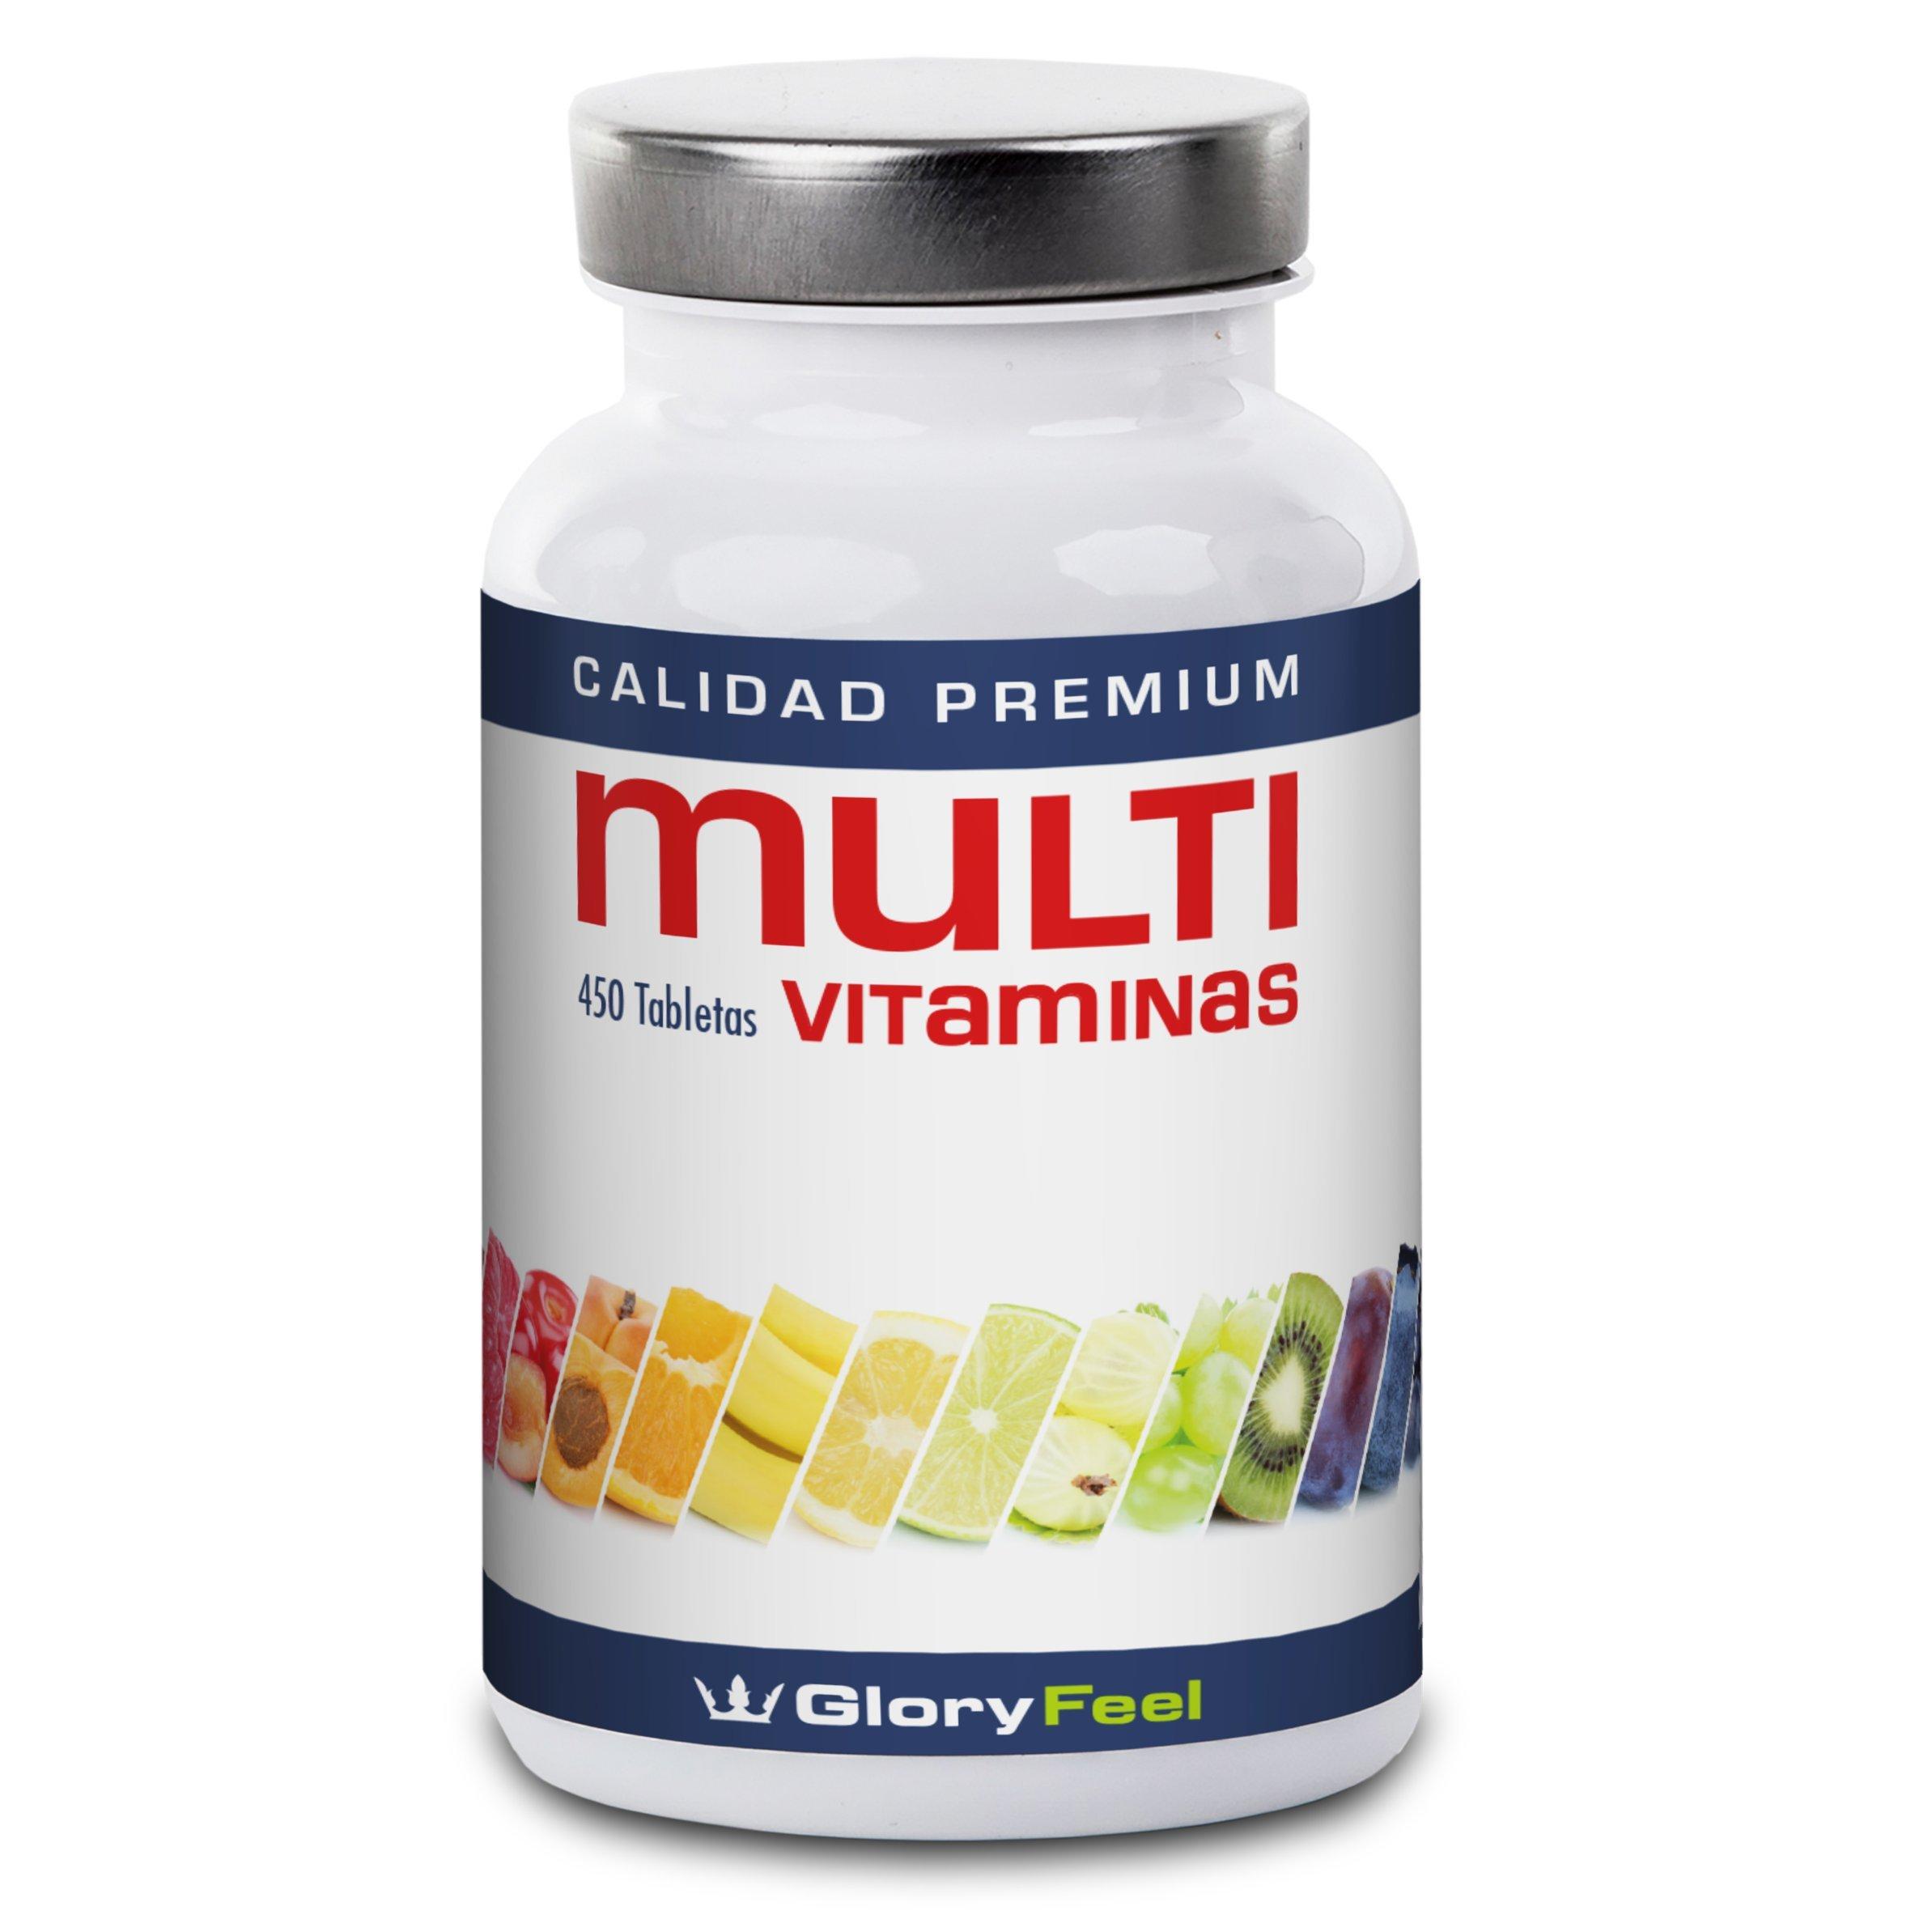 Vitaminas y Minerales - Multivitaminas 450 Pastillas Veganas - Complejo Multivitaminico para vegetarianos y veganos -